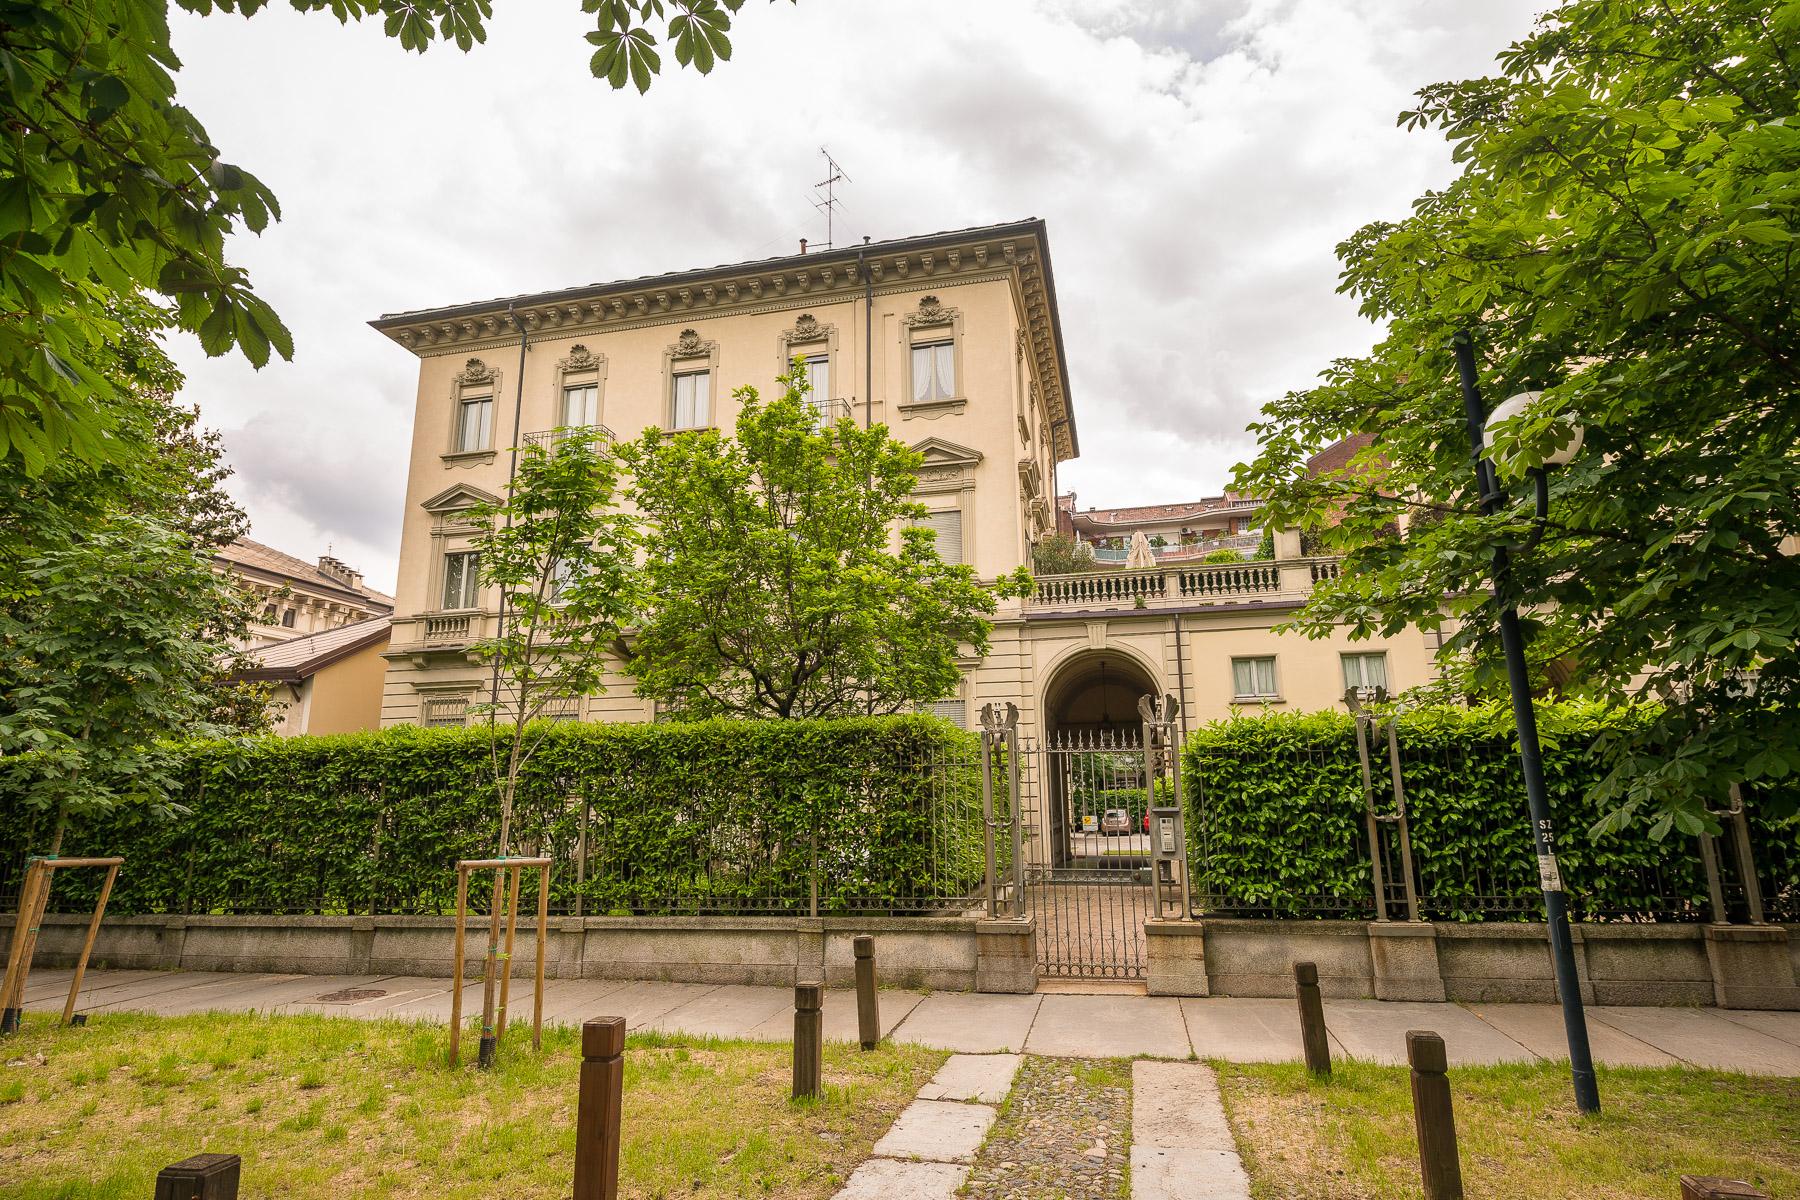 Appartamento in Vendita a Torino corso stati uniti